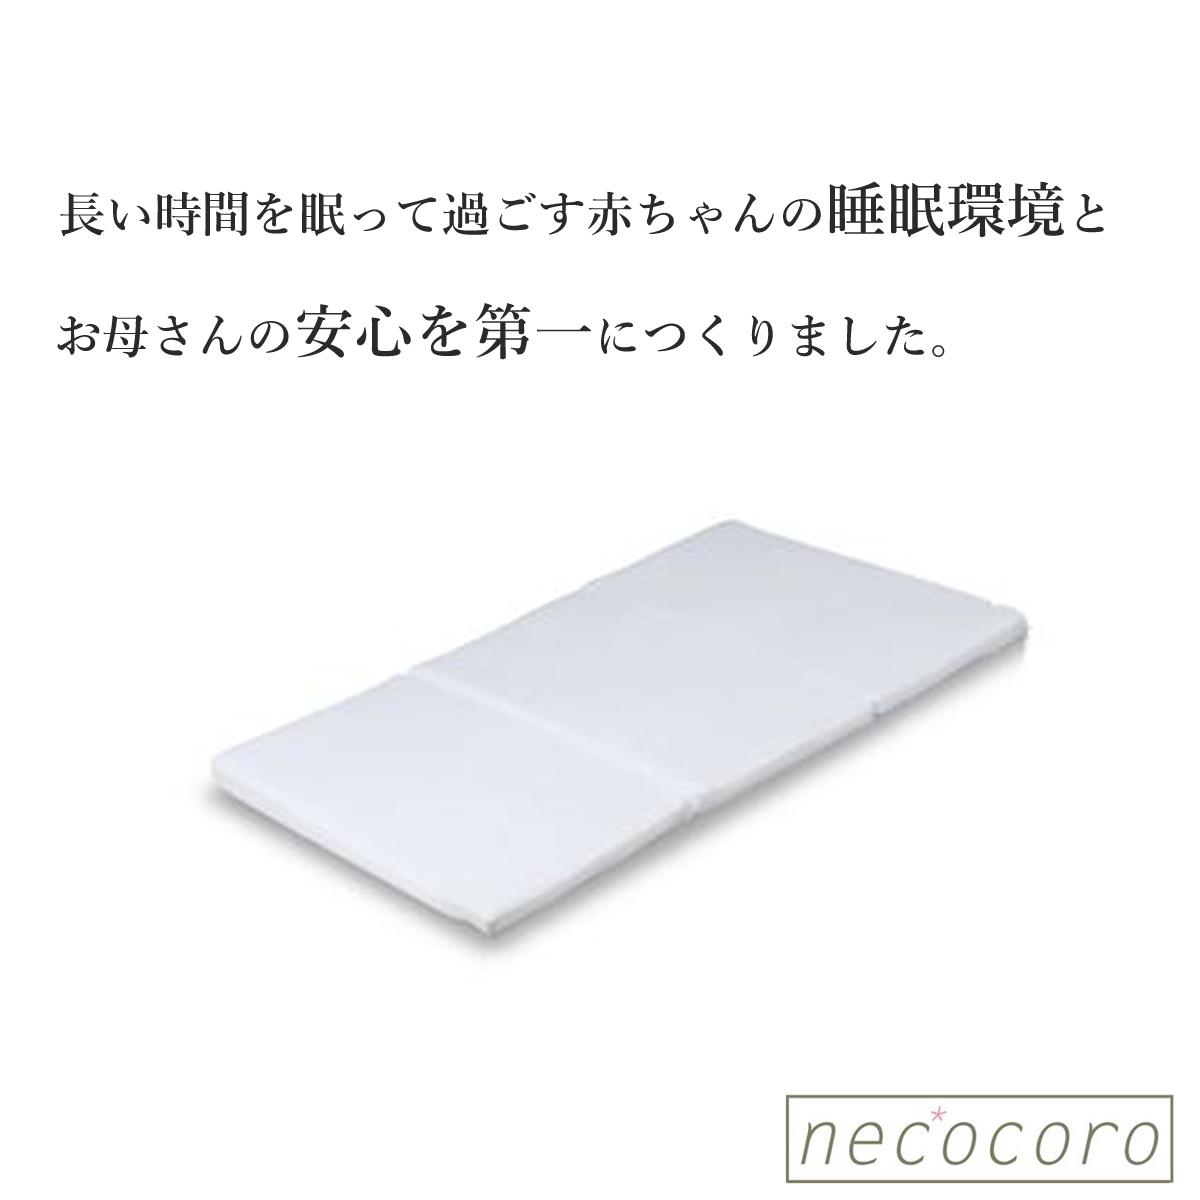 NEB003